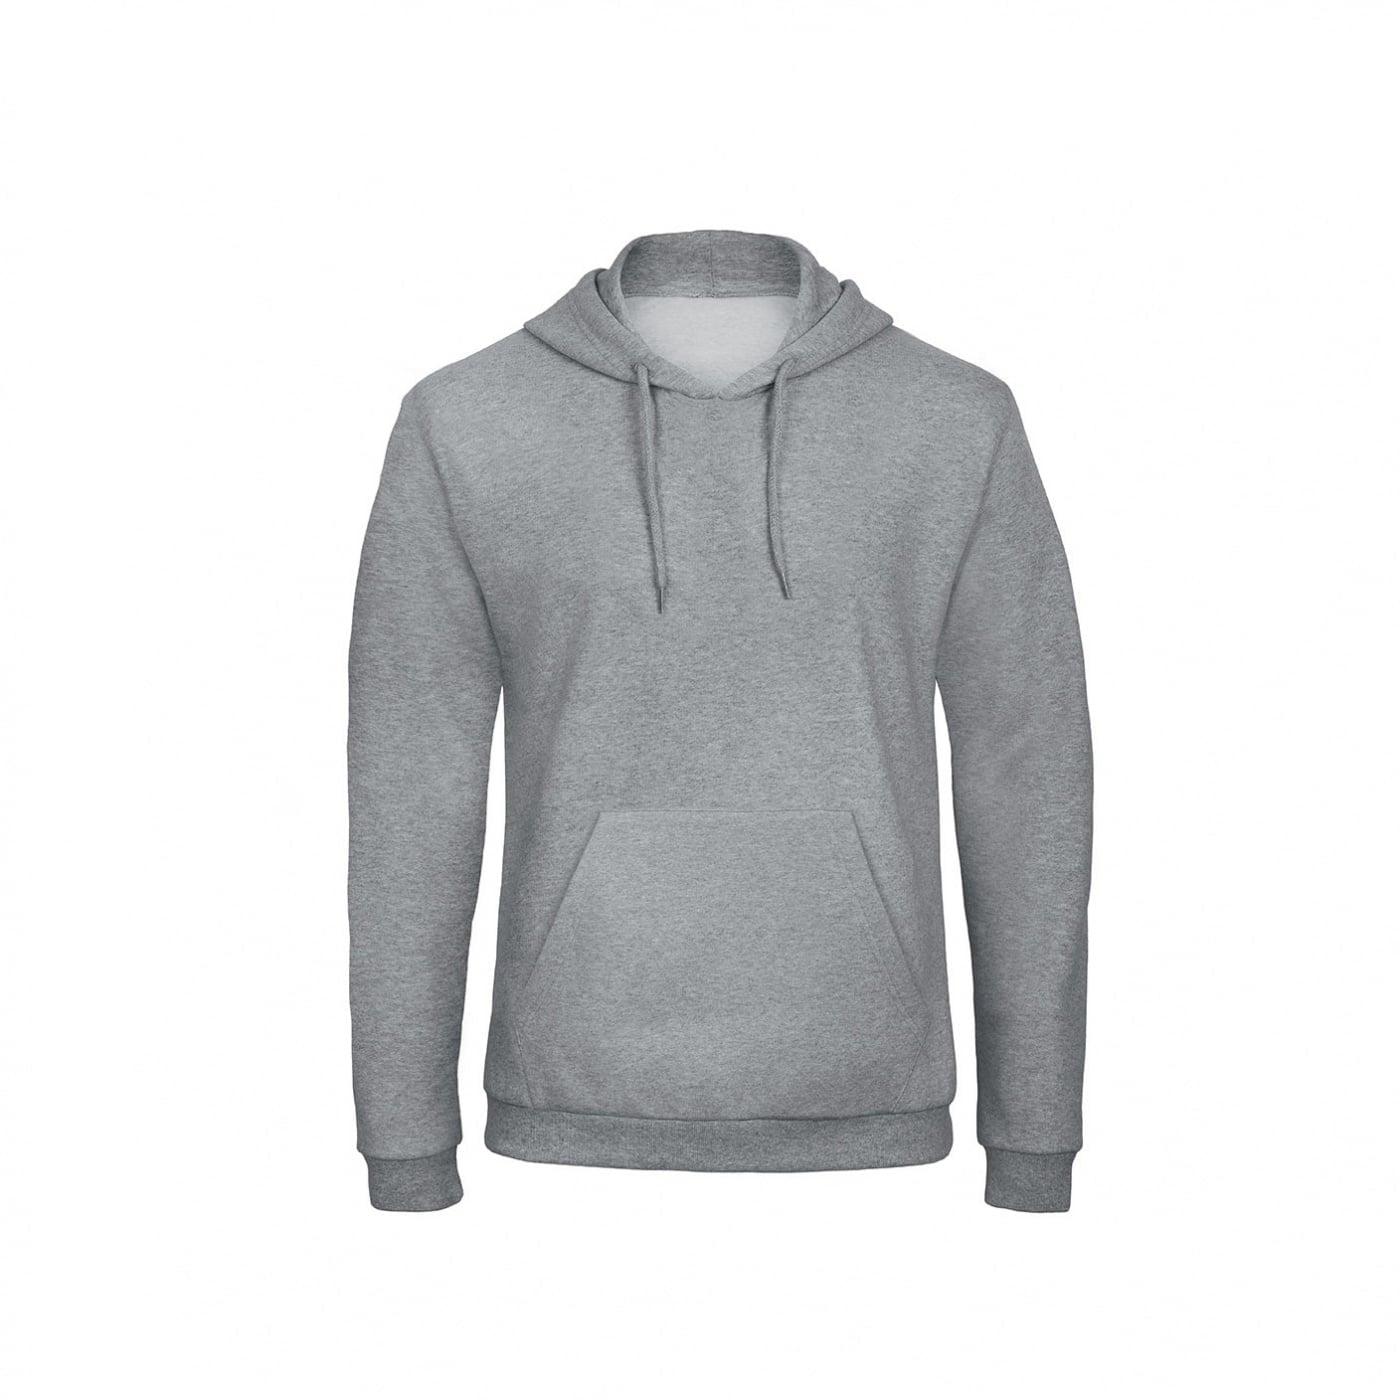 Bluzy - Bluza z kapturem ID.203 - B&C WUI24 - Heather Grey - RAVEN - koszulki reklamowe z nadrukiem, odzież reklamowa i gastronomiczna